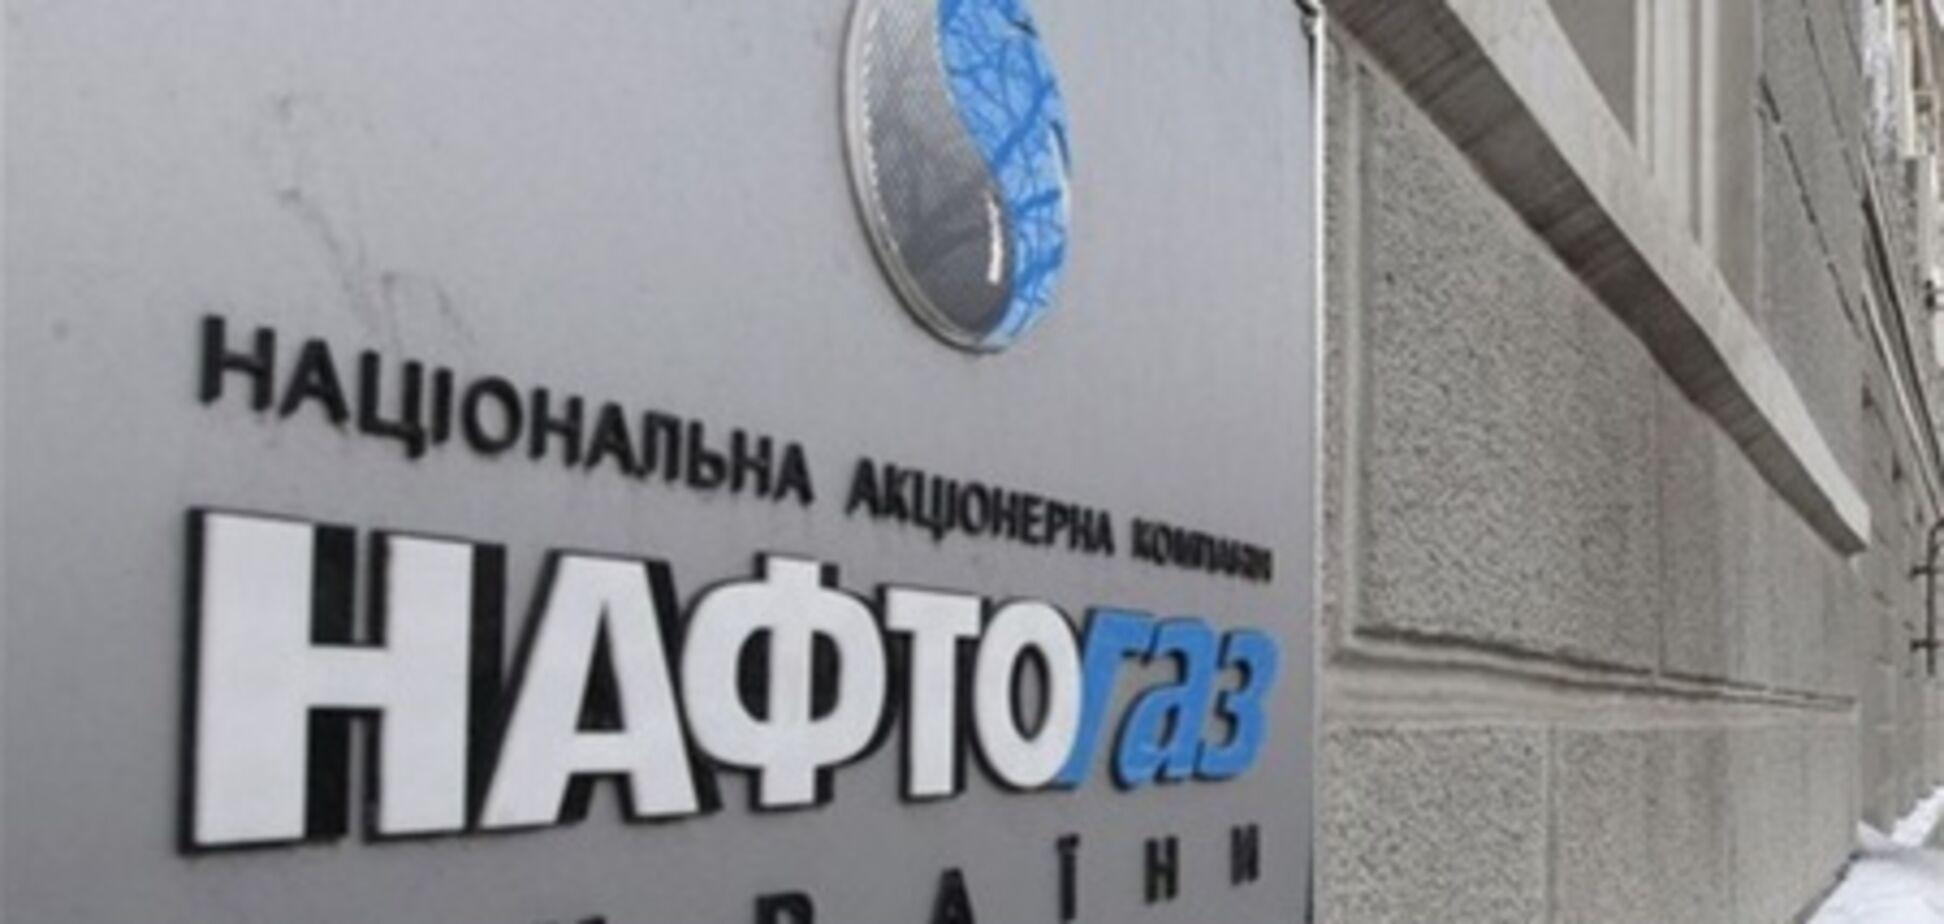 Збитків, через які порушили справу Тимошенко, не існує - екс-чиновник 'Нафтогазу'